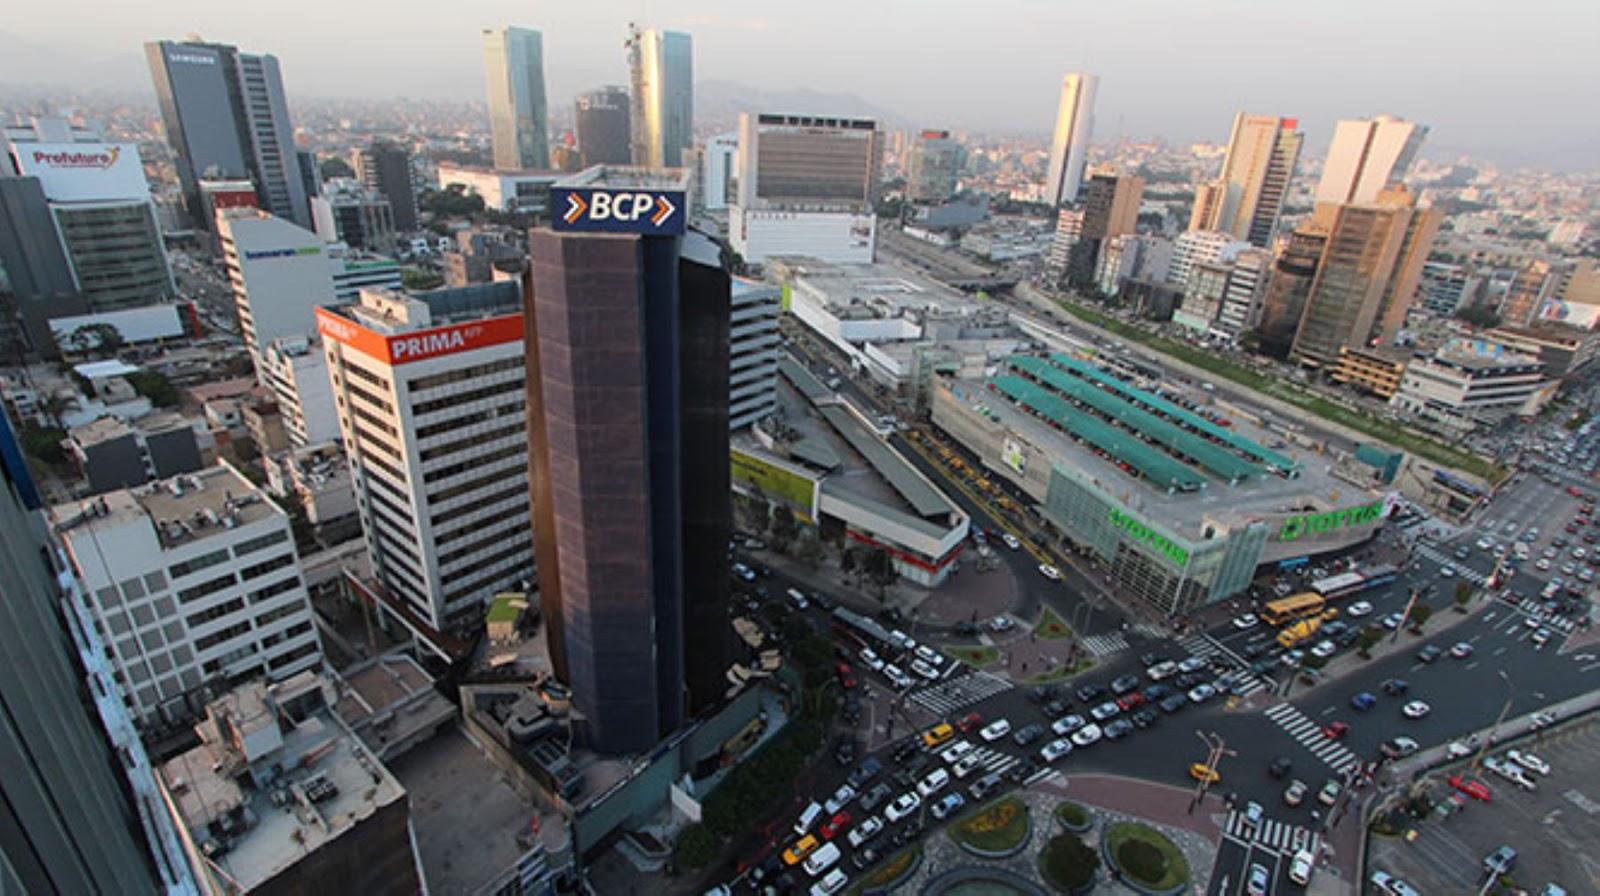 370219-economia-peruana-creceria-menos-de-3-en-el-2019-segun-el-bcp